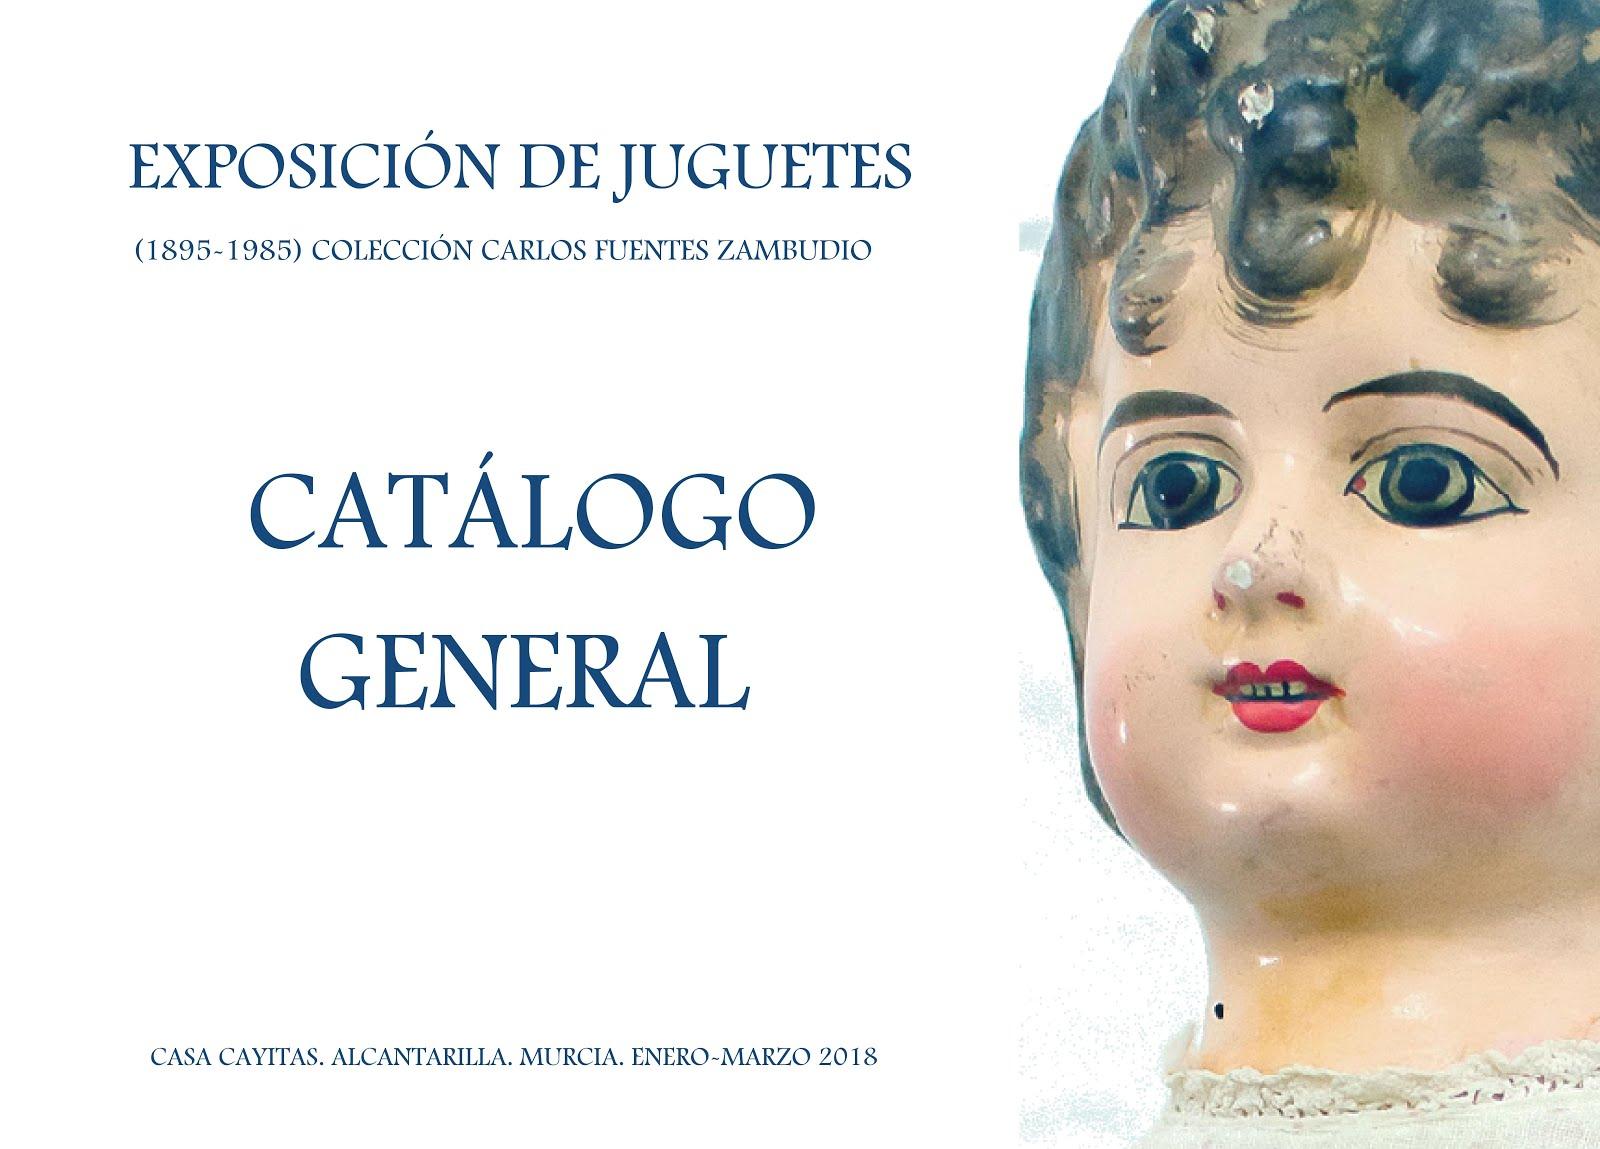 Catálogo Juguetes Jugados